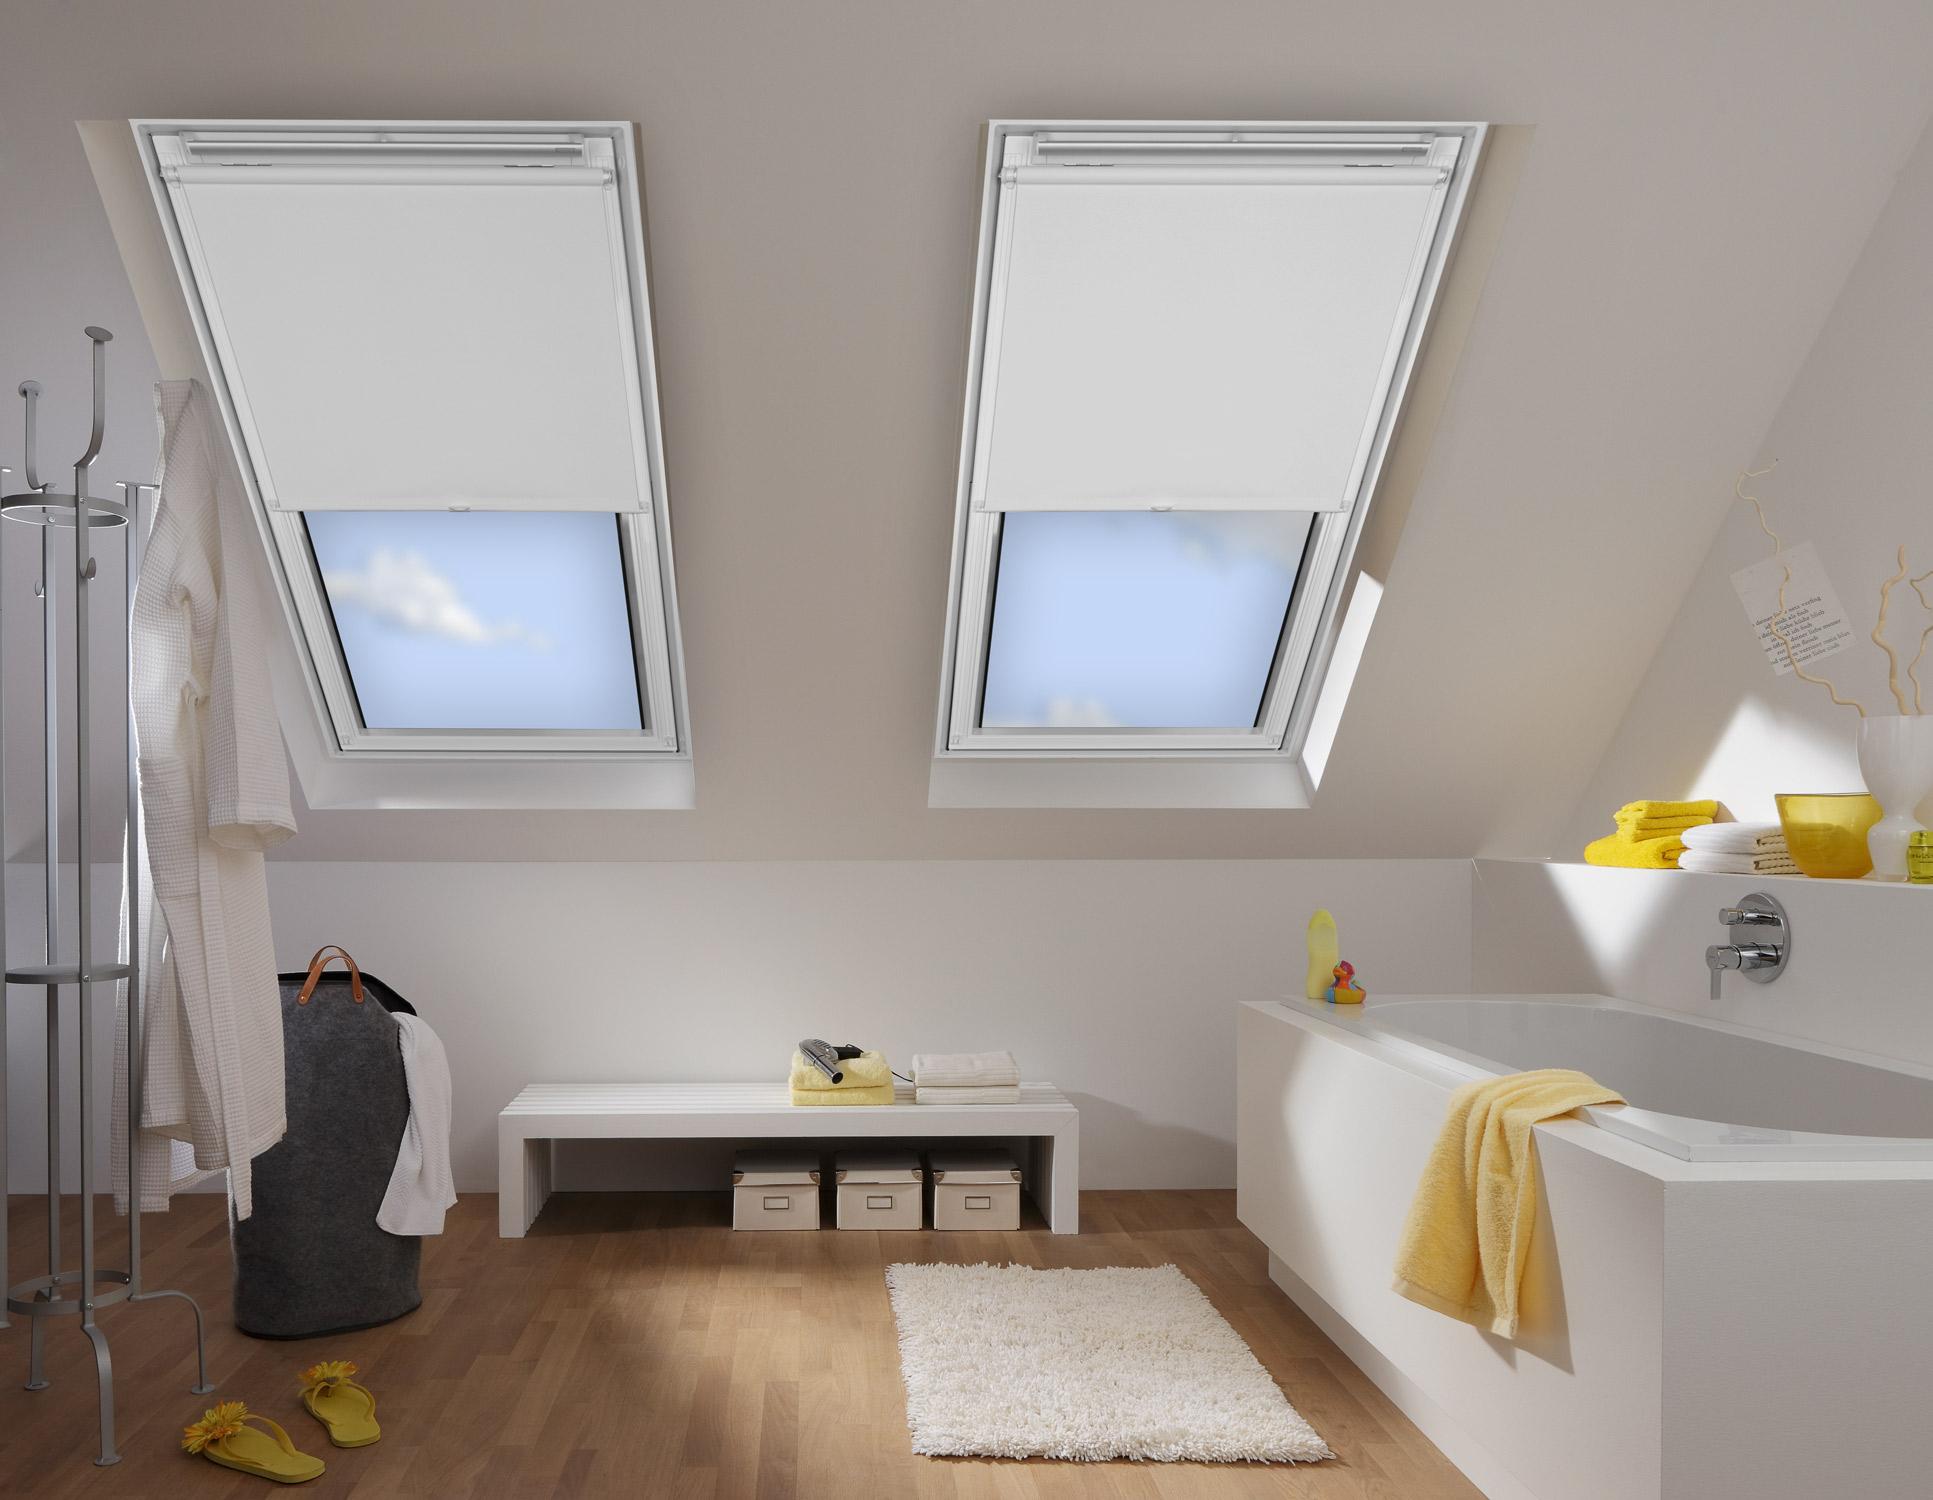 Full Size of Velux Fenster Rollo Dachfensterprodukte In Verschiedenen Ausfhrungen Auf Ma Der Online Konfigurator Sichern Gegen Einbruch Alte Kaufen Jalousie Sichtschutz Fenster Velux Fenster Rollo